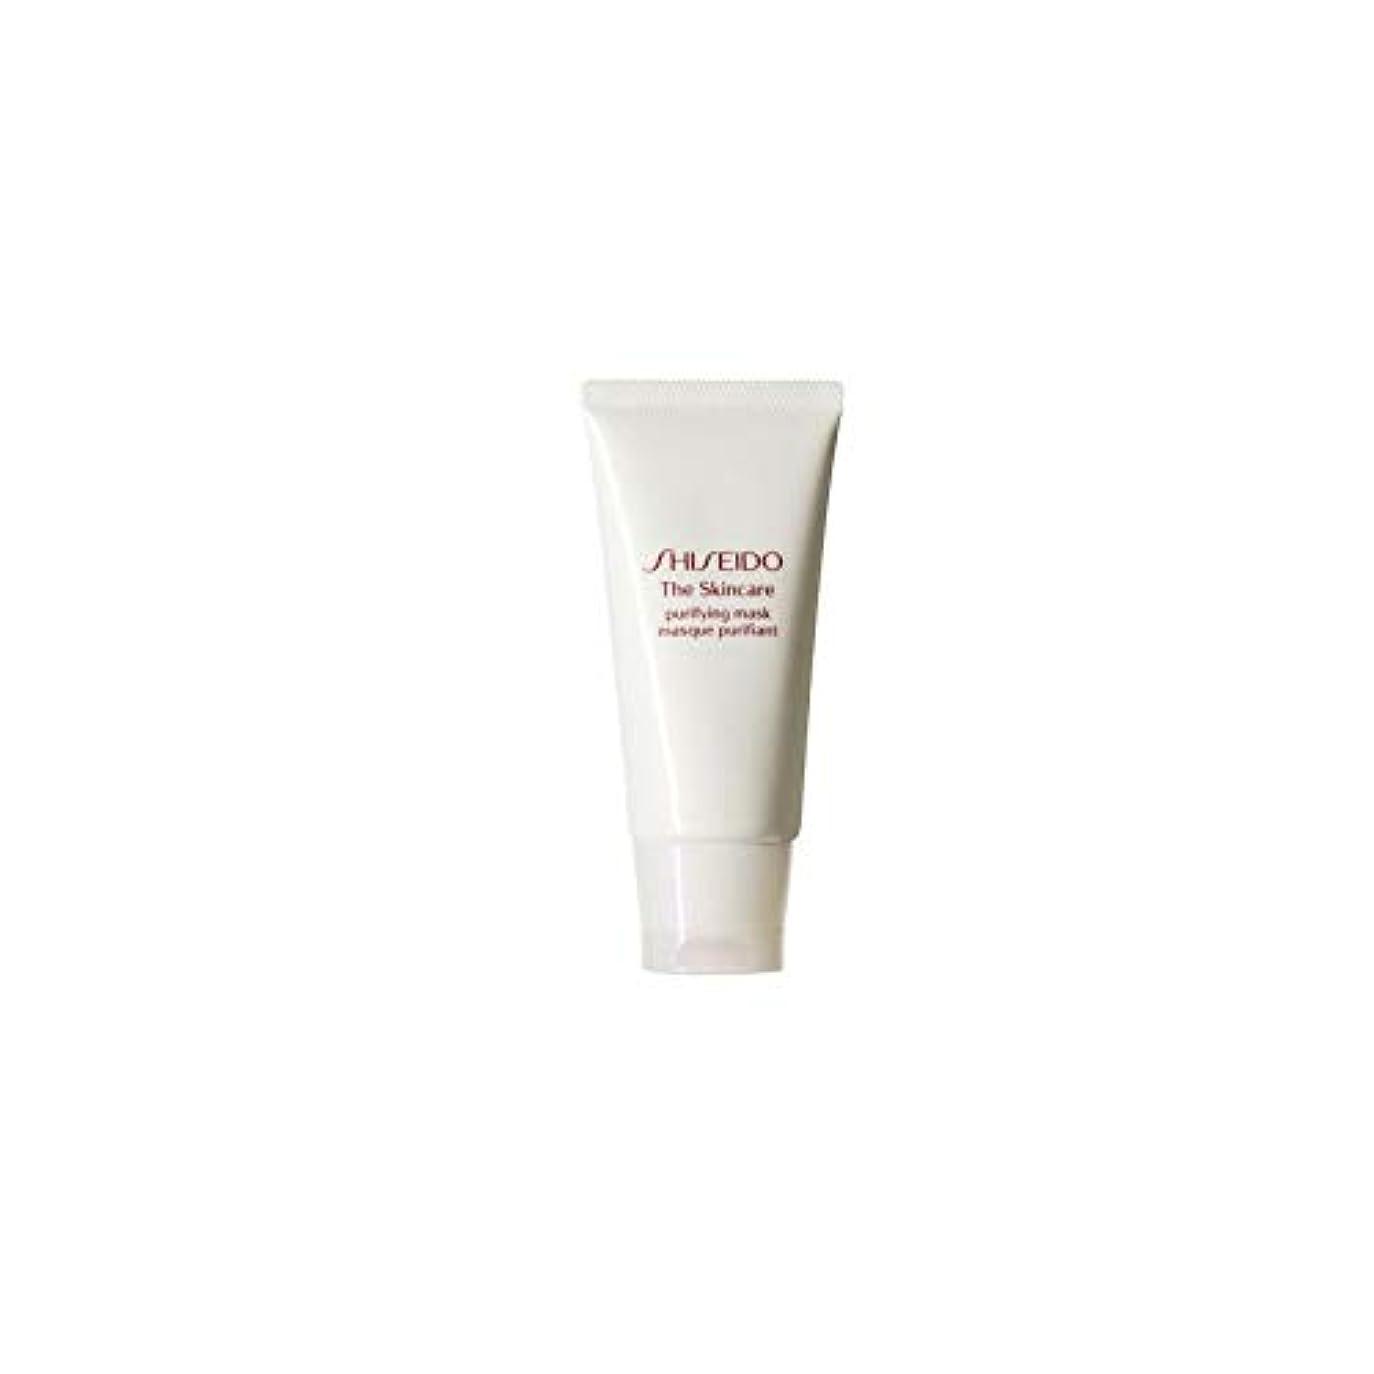 誰もパーツ捨てる[Shiseido] 資生堂スキンケアの必需品浄化マスク(75ミリリットル) - Shiseido The Skincare Essentials Purifying Mask (75ml) [並行輸入品]